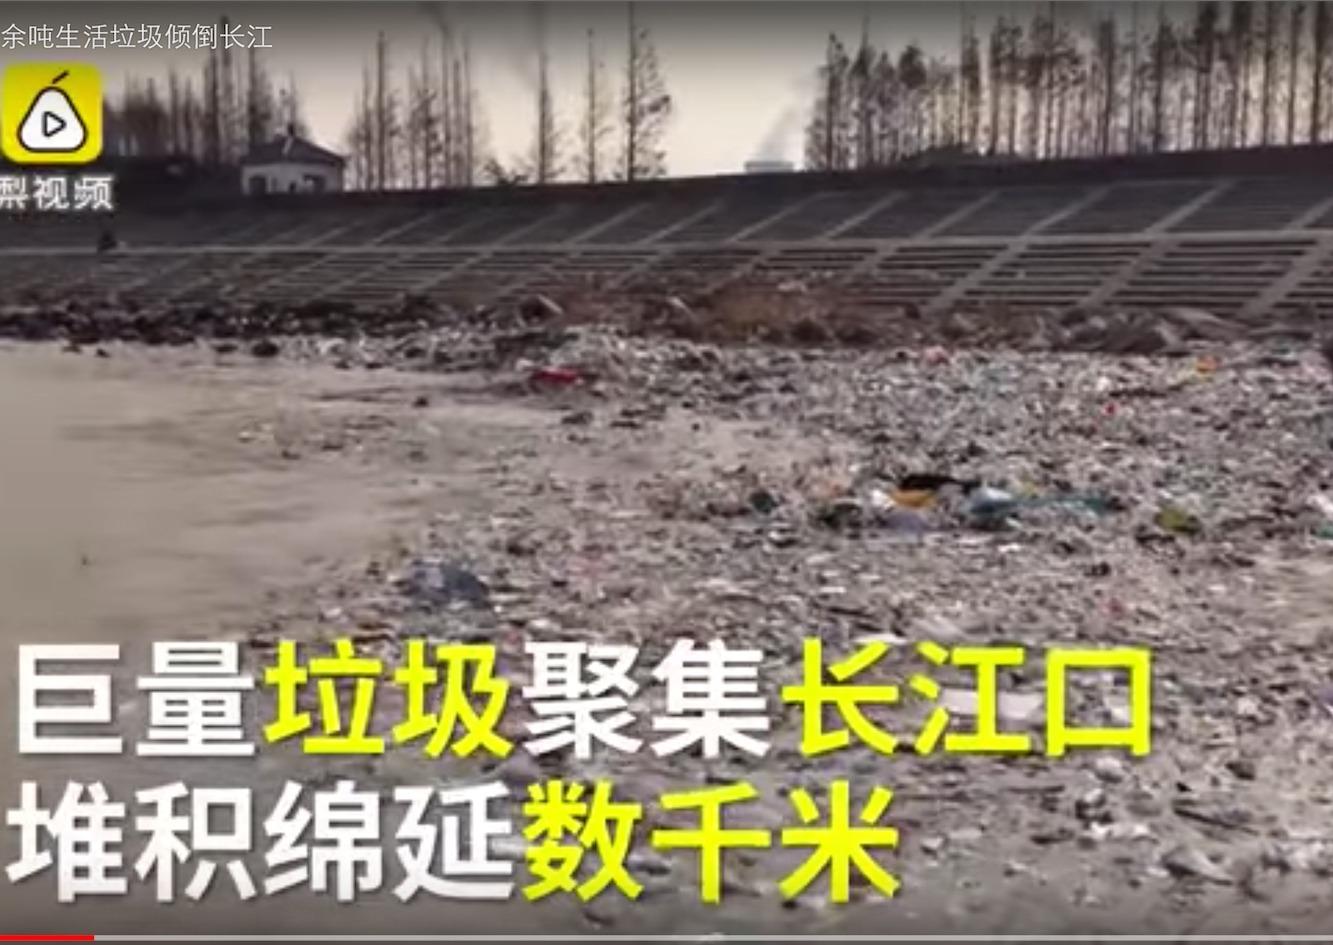 三萬噸垃圾傾倒長江案情曝光 有害物超標三萬倍